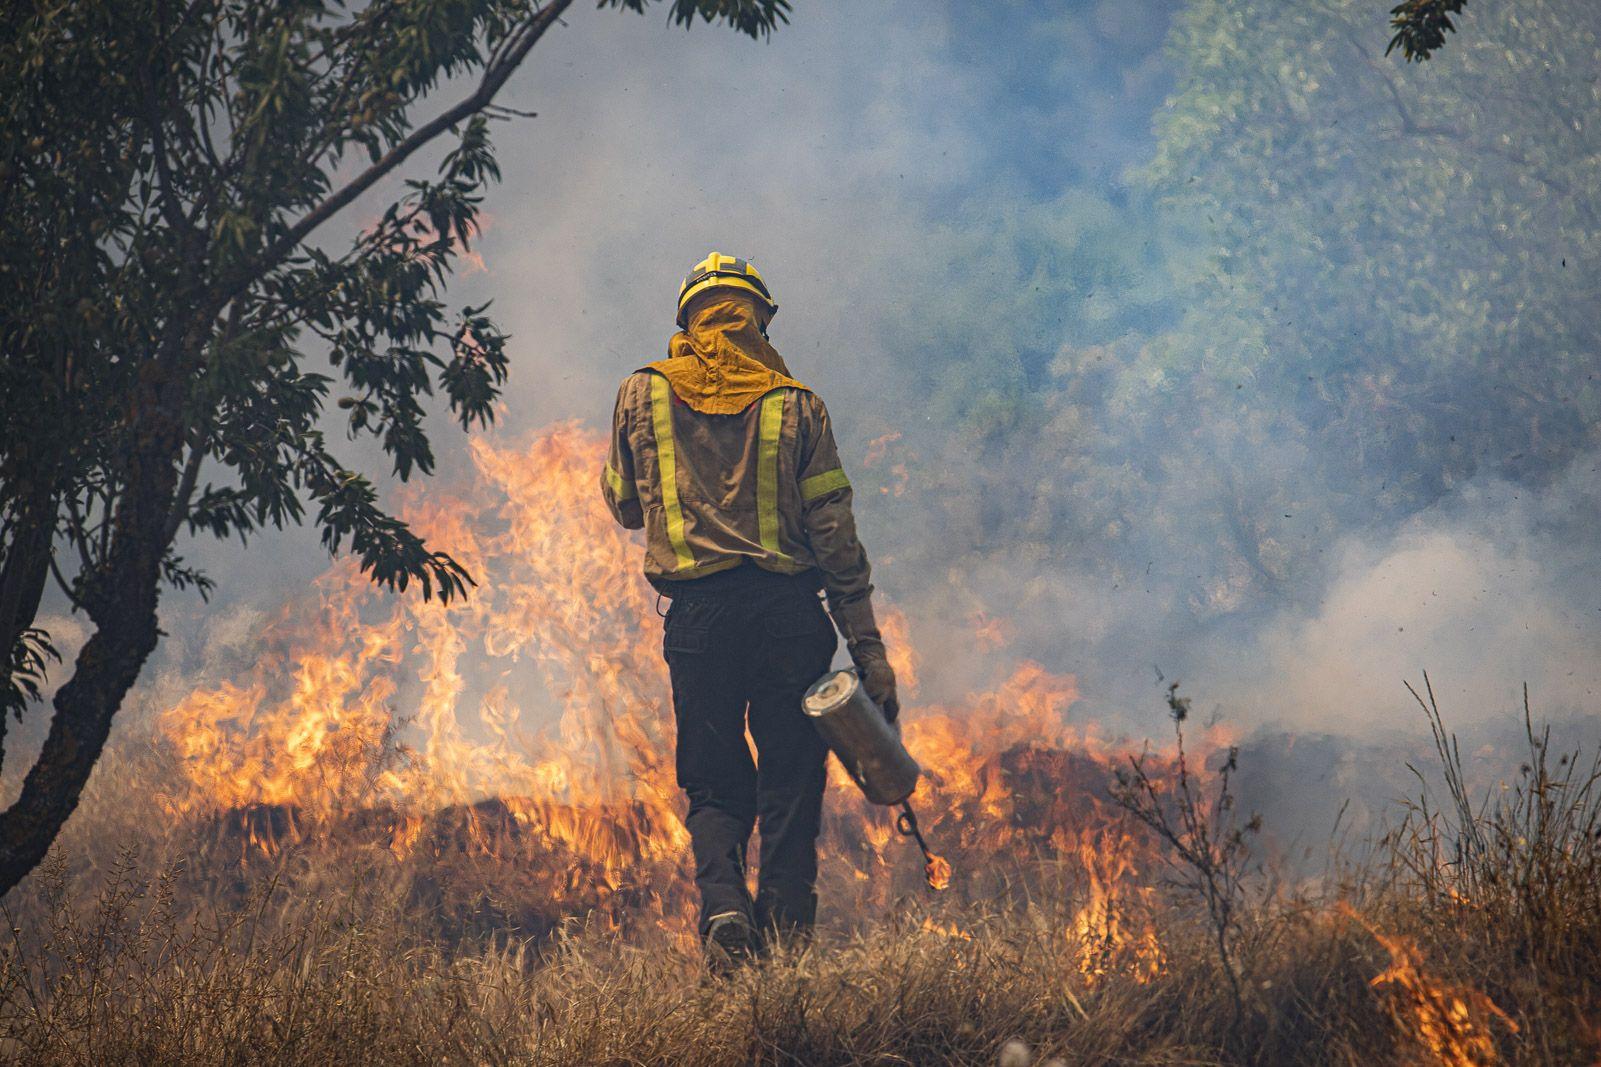 La millor mesura per evitar incendis seria invertir més en…